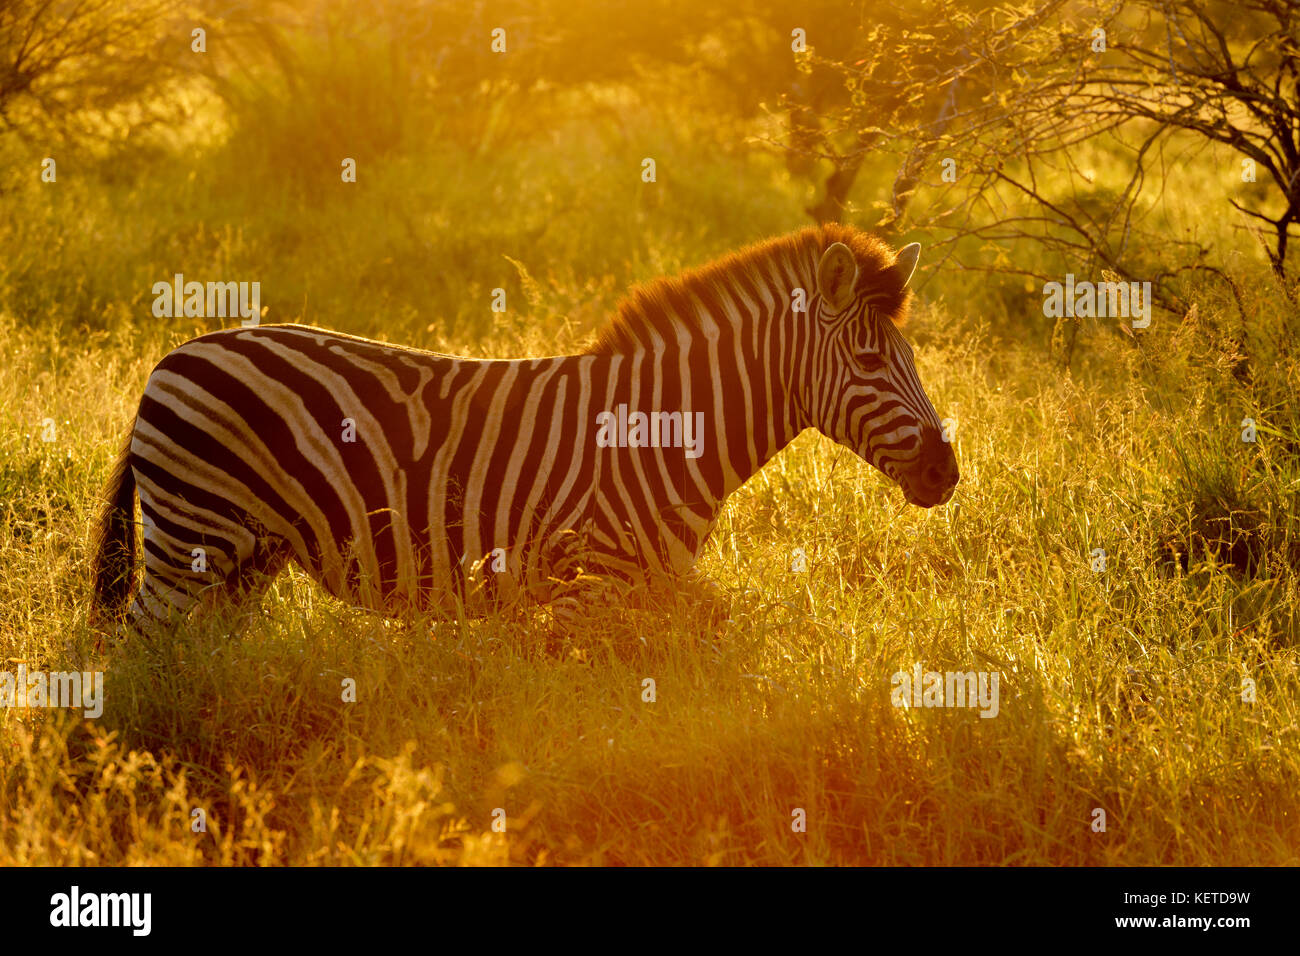 Ebenen Zebras (Equus quagga) mit Hintergrundbeleuchtung auf Savanne bei Sonnenaufgang, Krüger Nationalpark, Stockbild